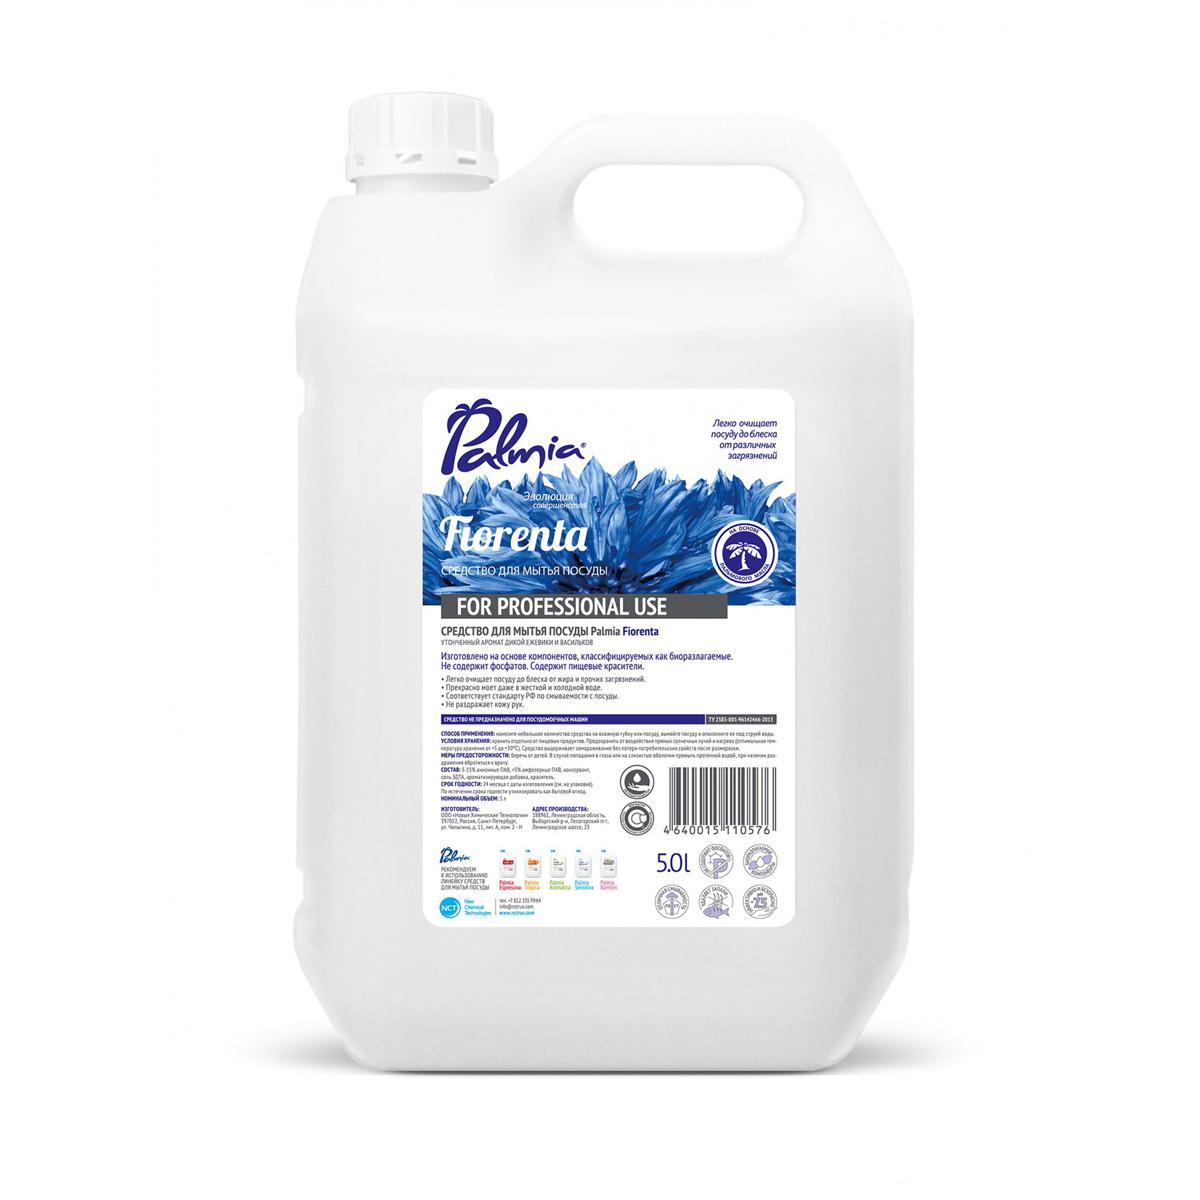 Гель для мытья посуды Palmia Fiorenta, с ароматом ежевики и васильков, 5 л4640015110576Гель для мытья посуды c ароматом ежевики и васильков. Отлично смывает любые загрязнения , смывает трудновыводимые запахи. Полностью смывается при ополаскивании. Продукт полностью биоразлагаем. Как выбрать качественную бытовую химию, безопасную для природы и людей. Статья OZON Гид